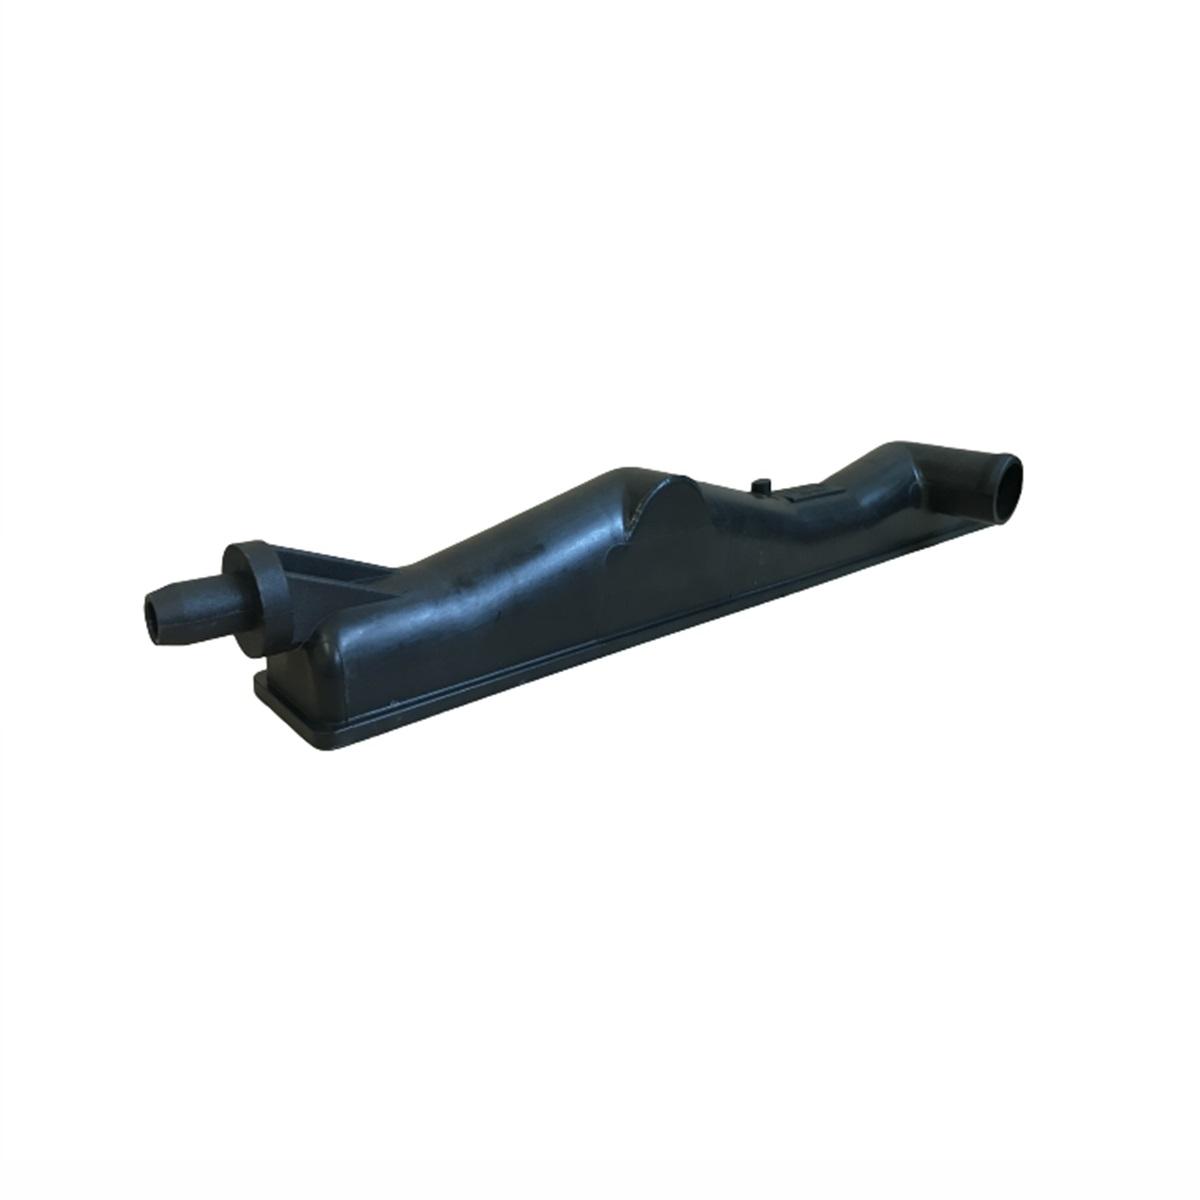 Caixa de Radiador Inferior Chevrolet S10 Delphi Gasolina 47mmx410mm